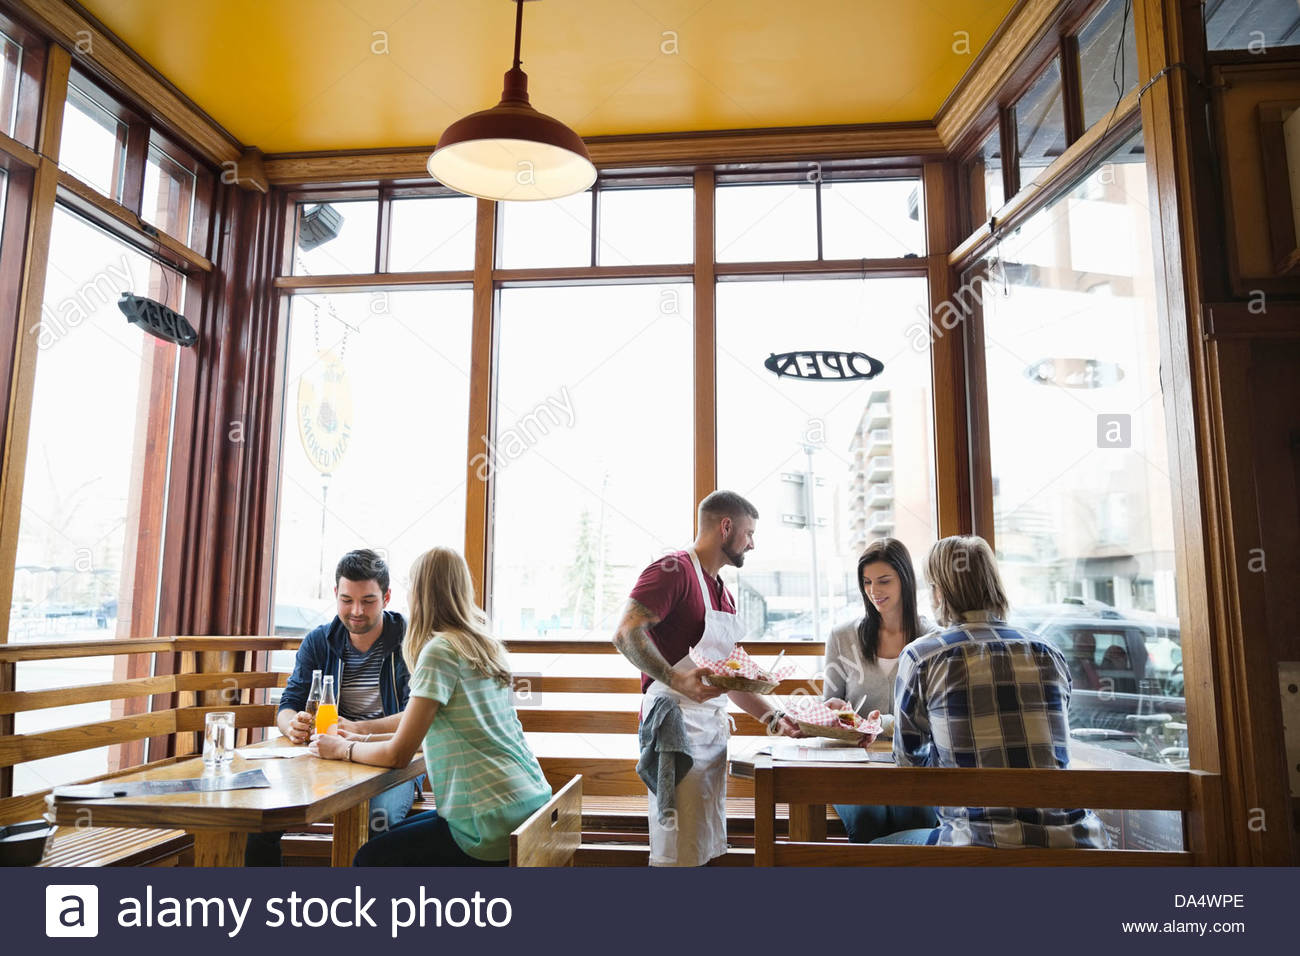 Macho propietario Deli sirve comida a los clientes Imagen De Stock